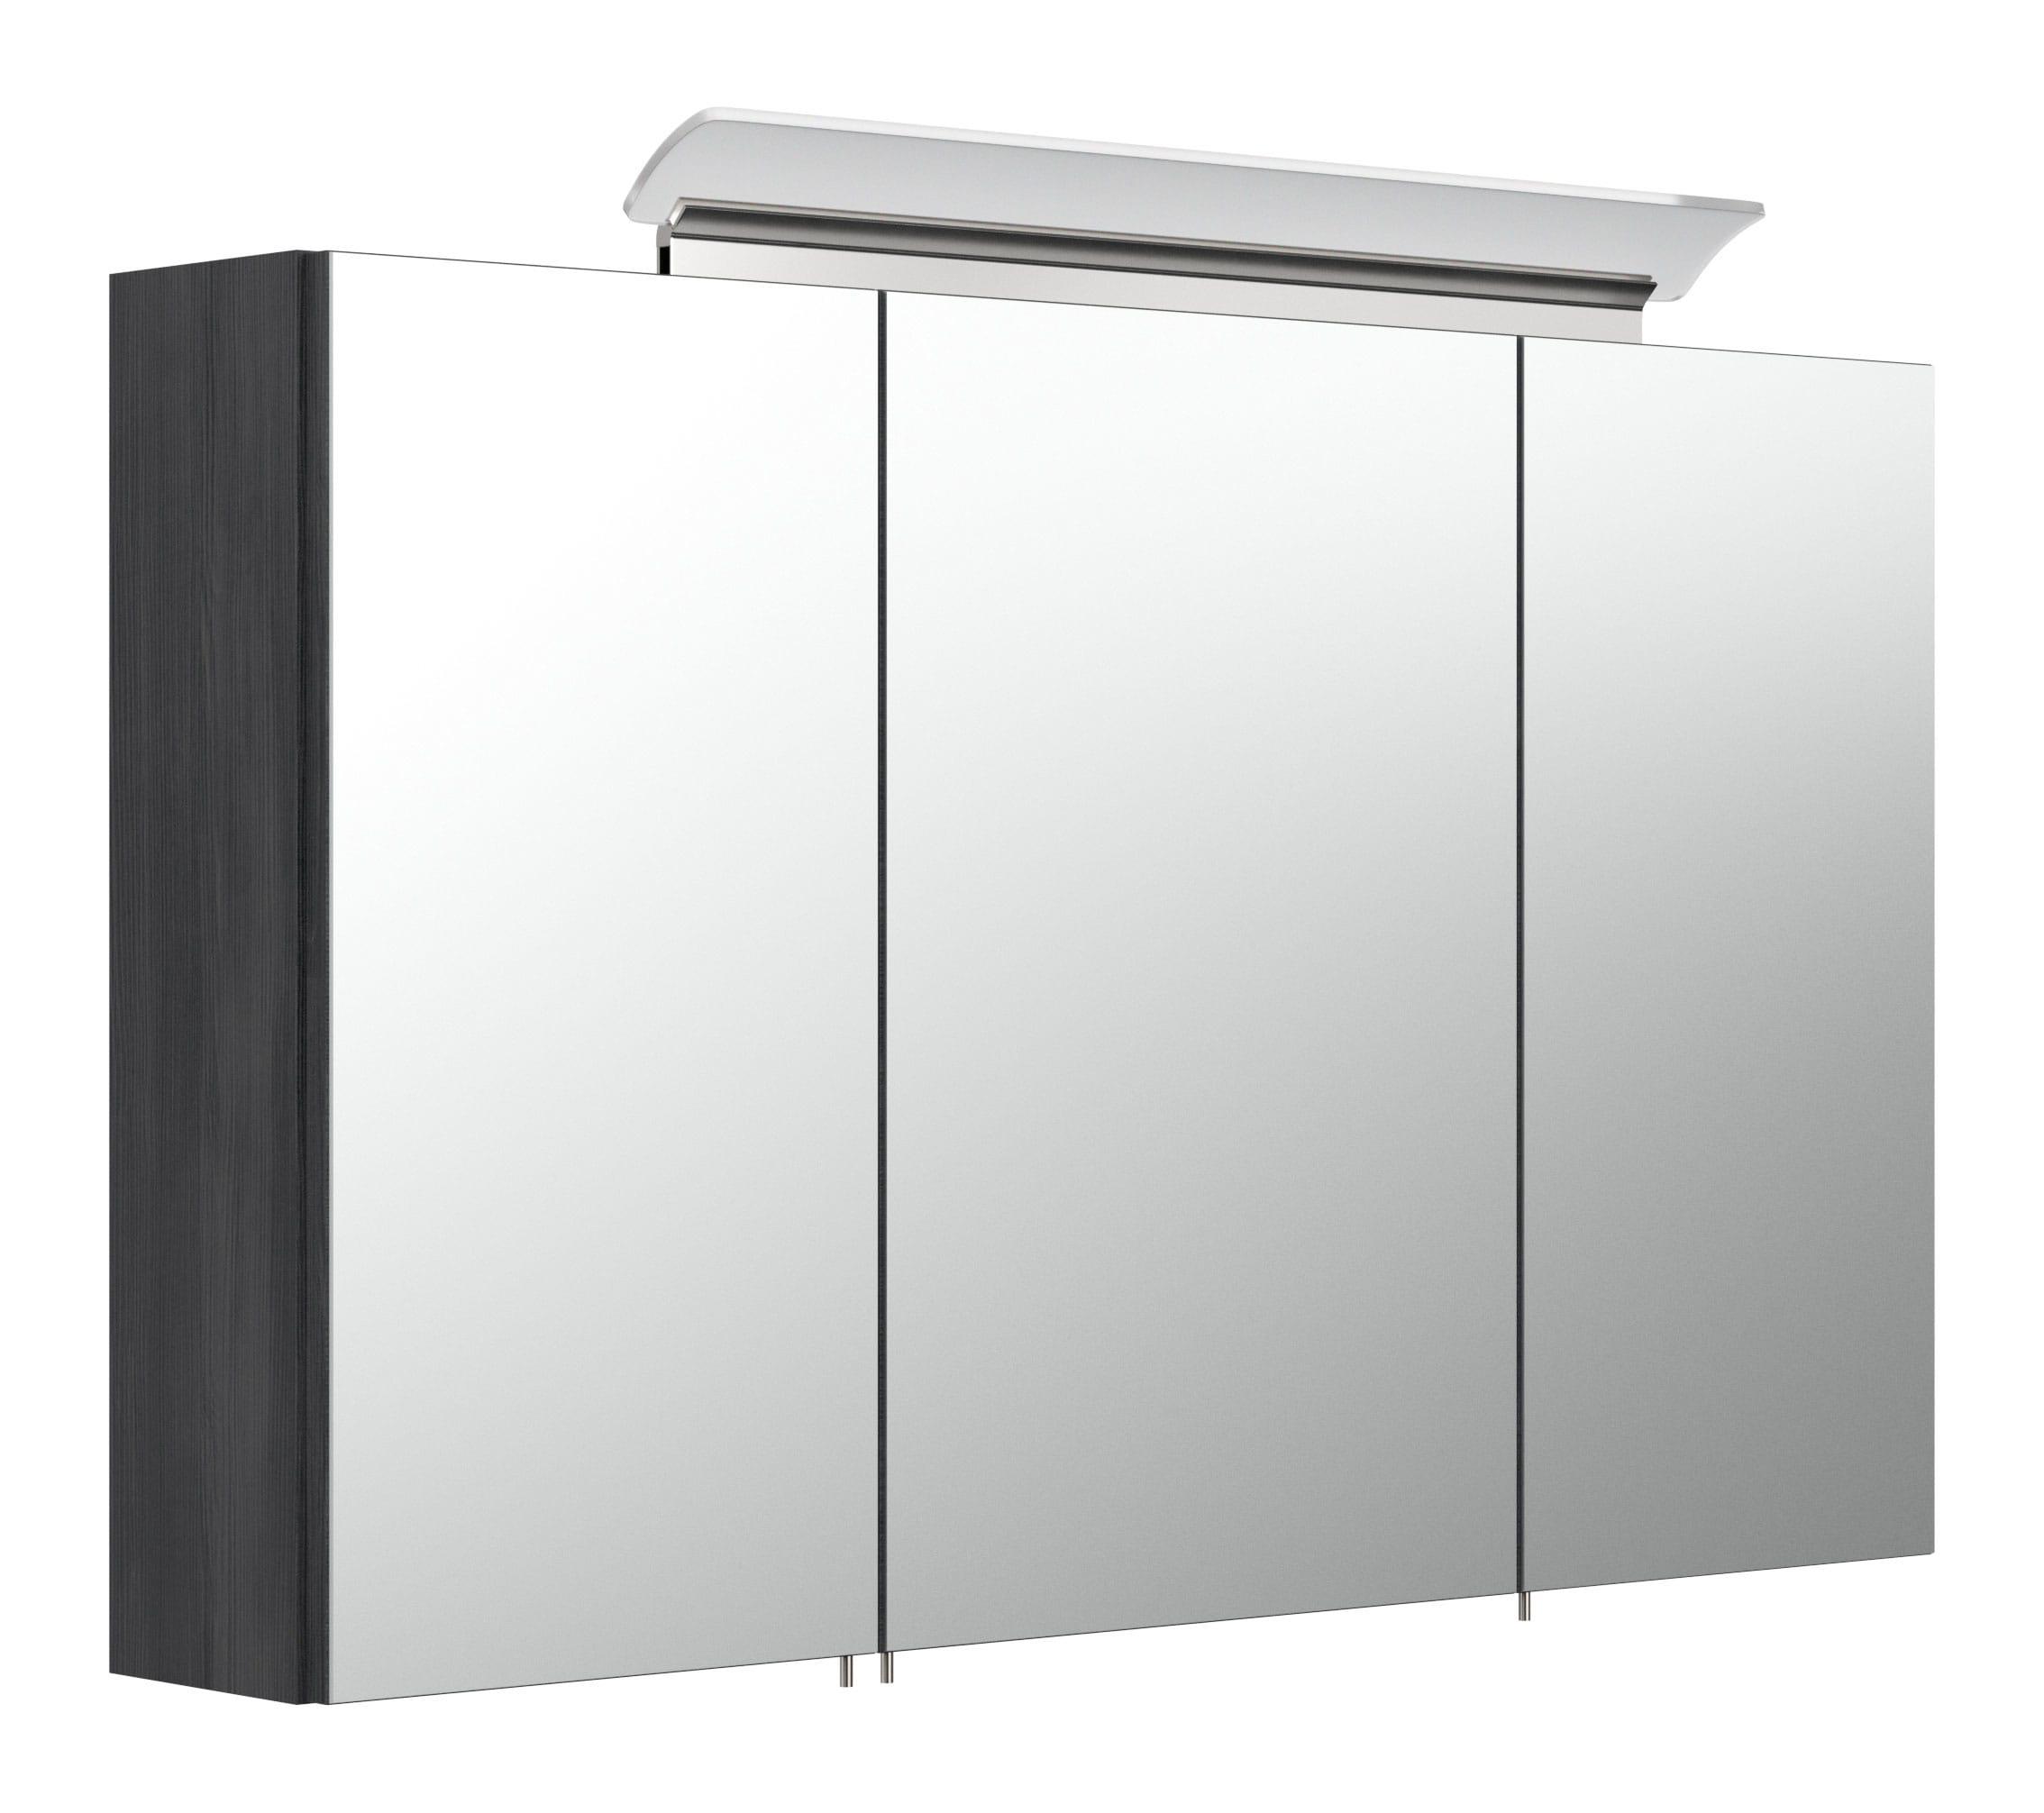 Saniclear Rocky 100cm spiegelkast met design LED verlichting grafiet